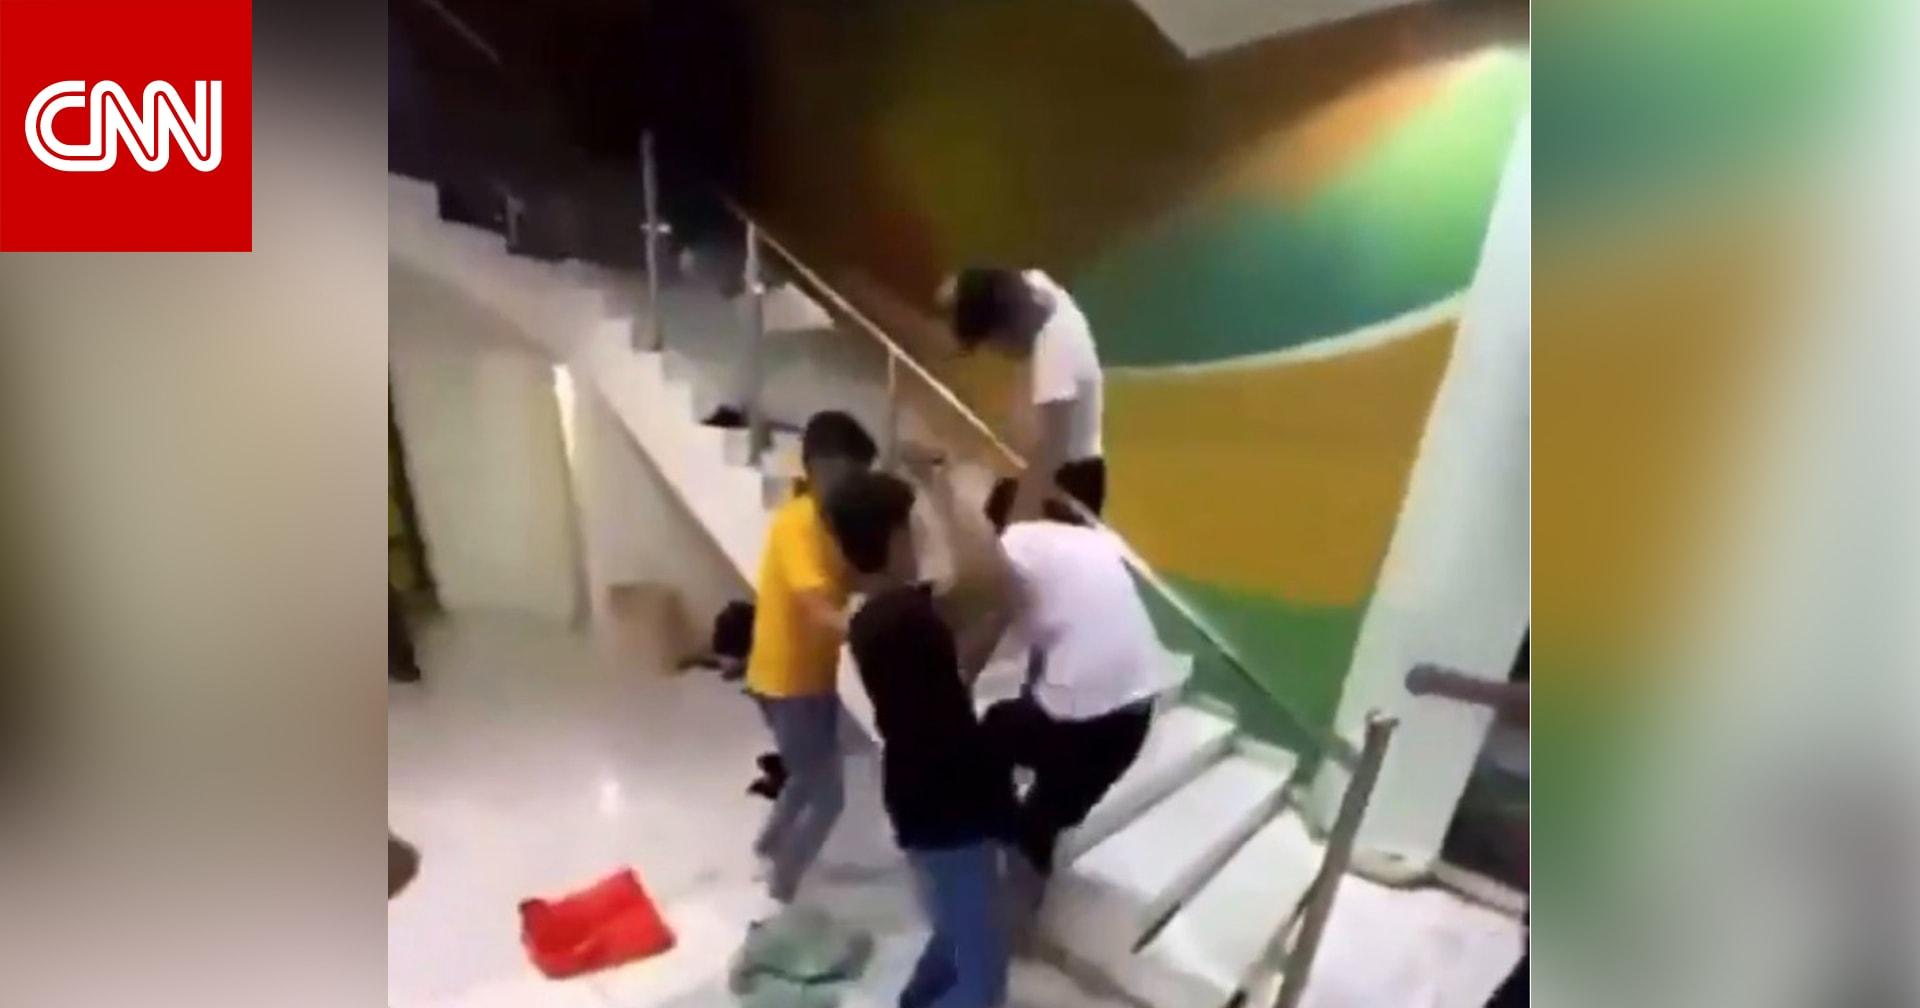 مقطع فيديو لاعتداء 3 أشخاص على آخر في مسبح بالرياض يثير ضجة بالسعودية